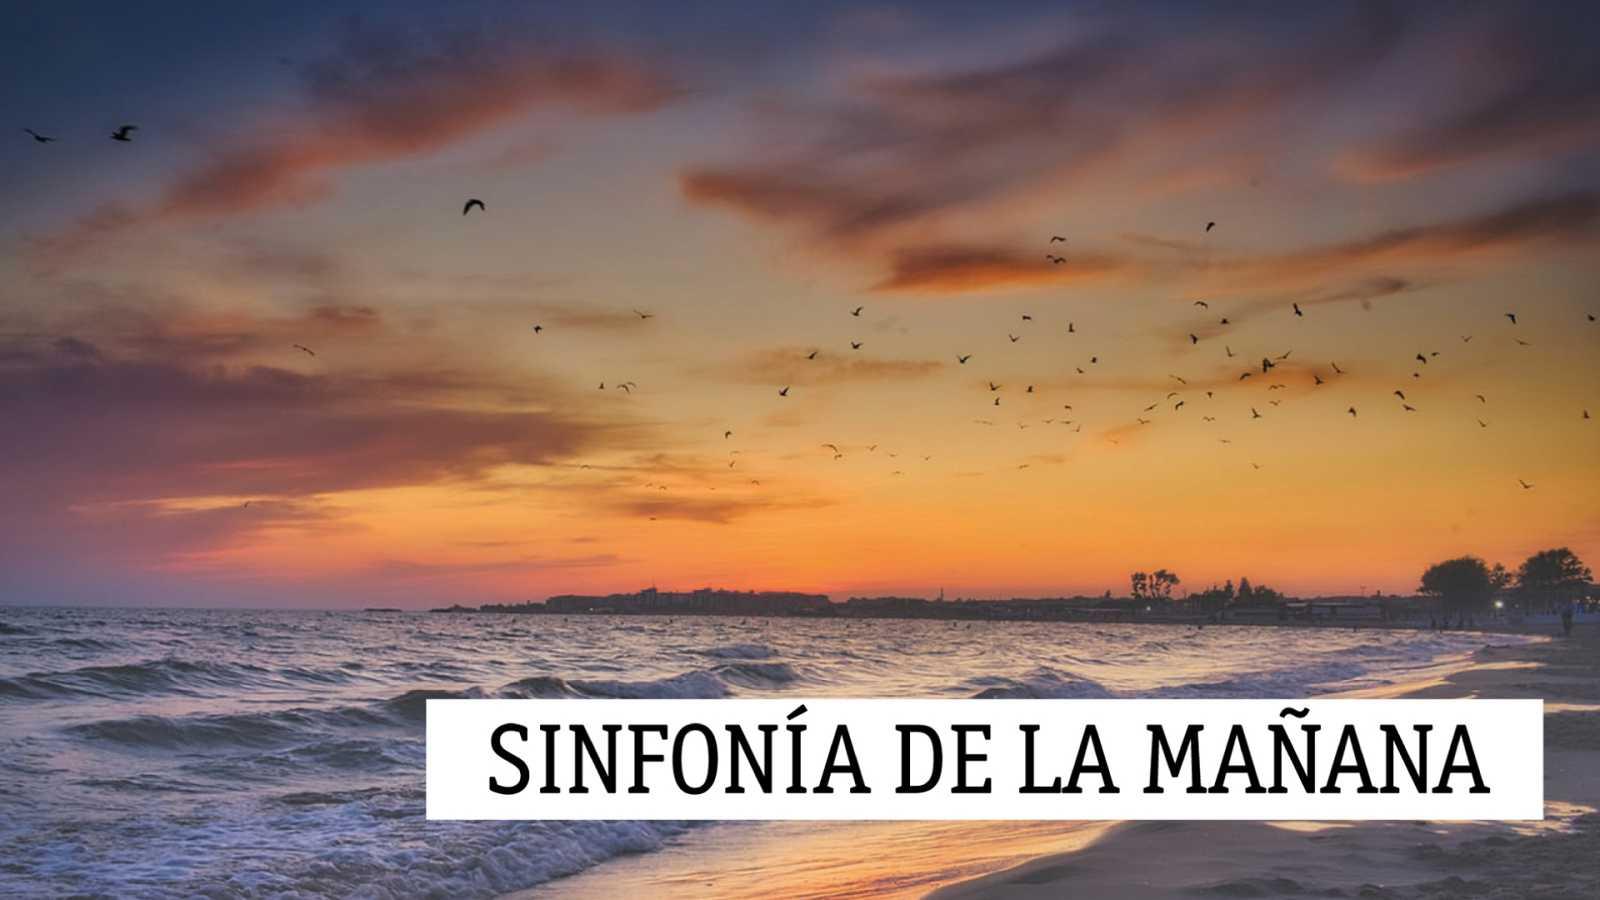 Sinfonía de la mañana - Hoffmann y la música de Irene Gracia - 30/04/21 - escuchar ahora